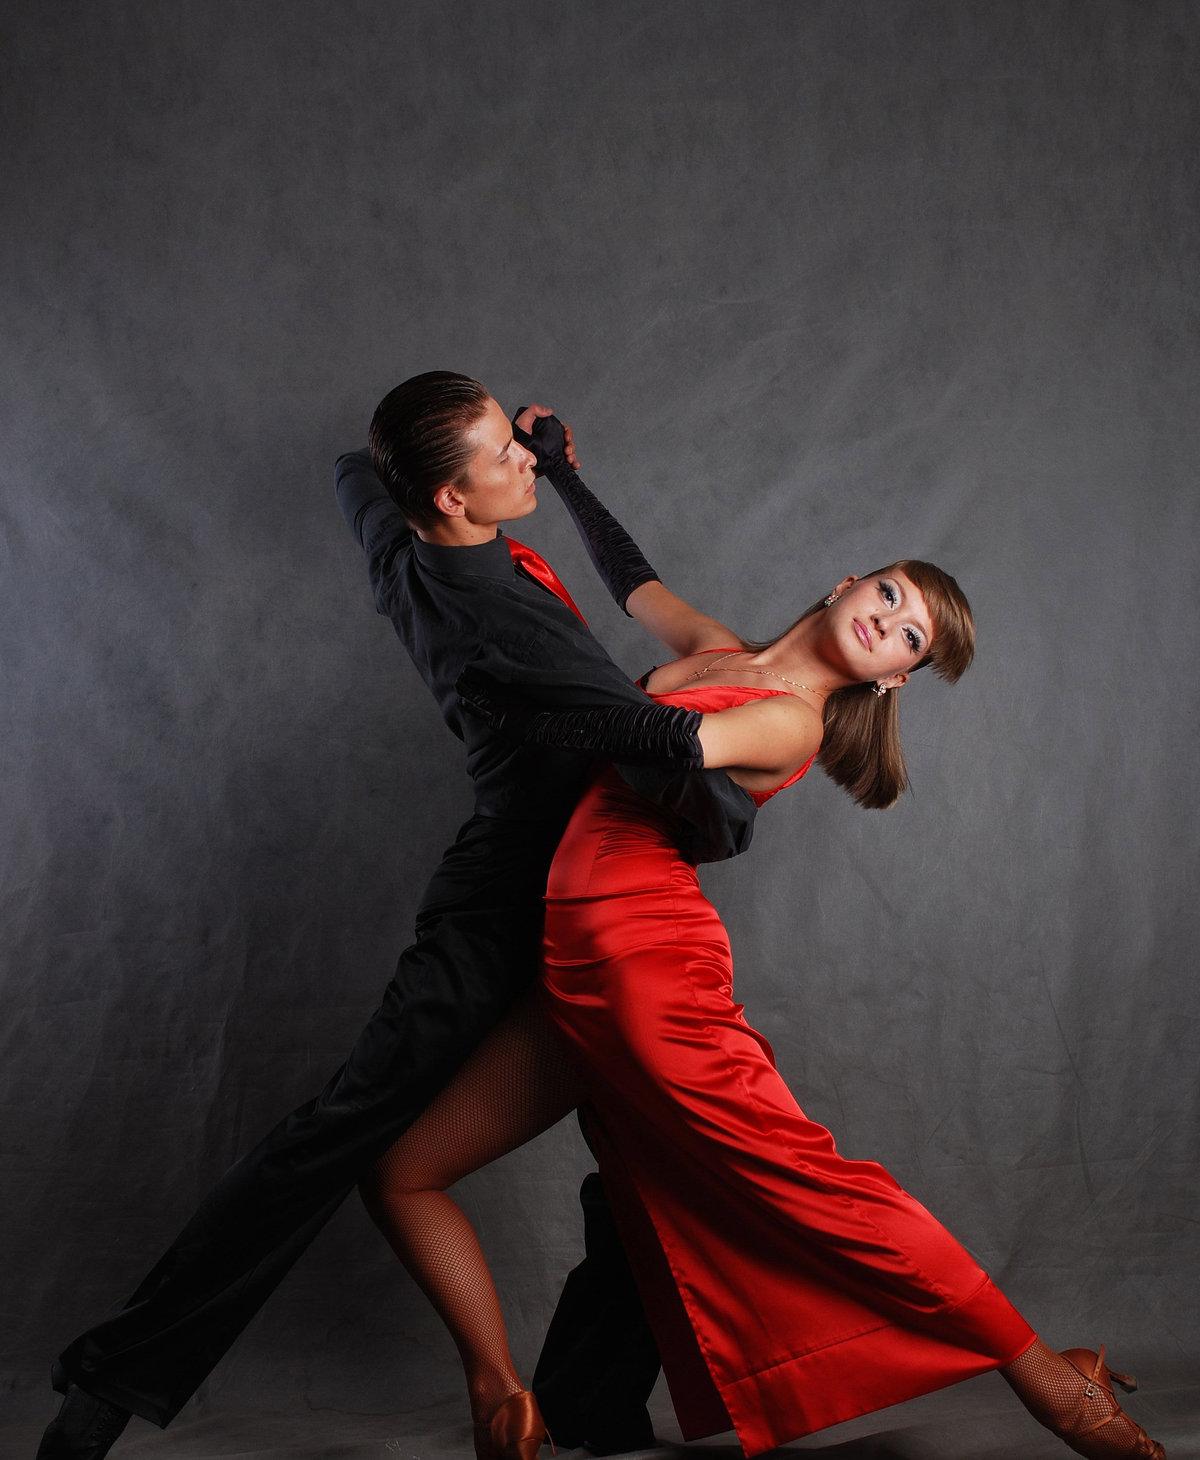 Танцы бальные фото картинки